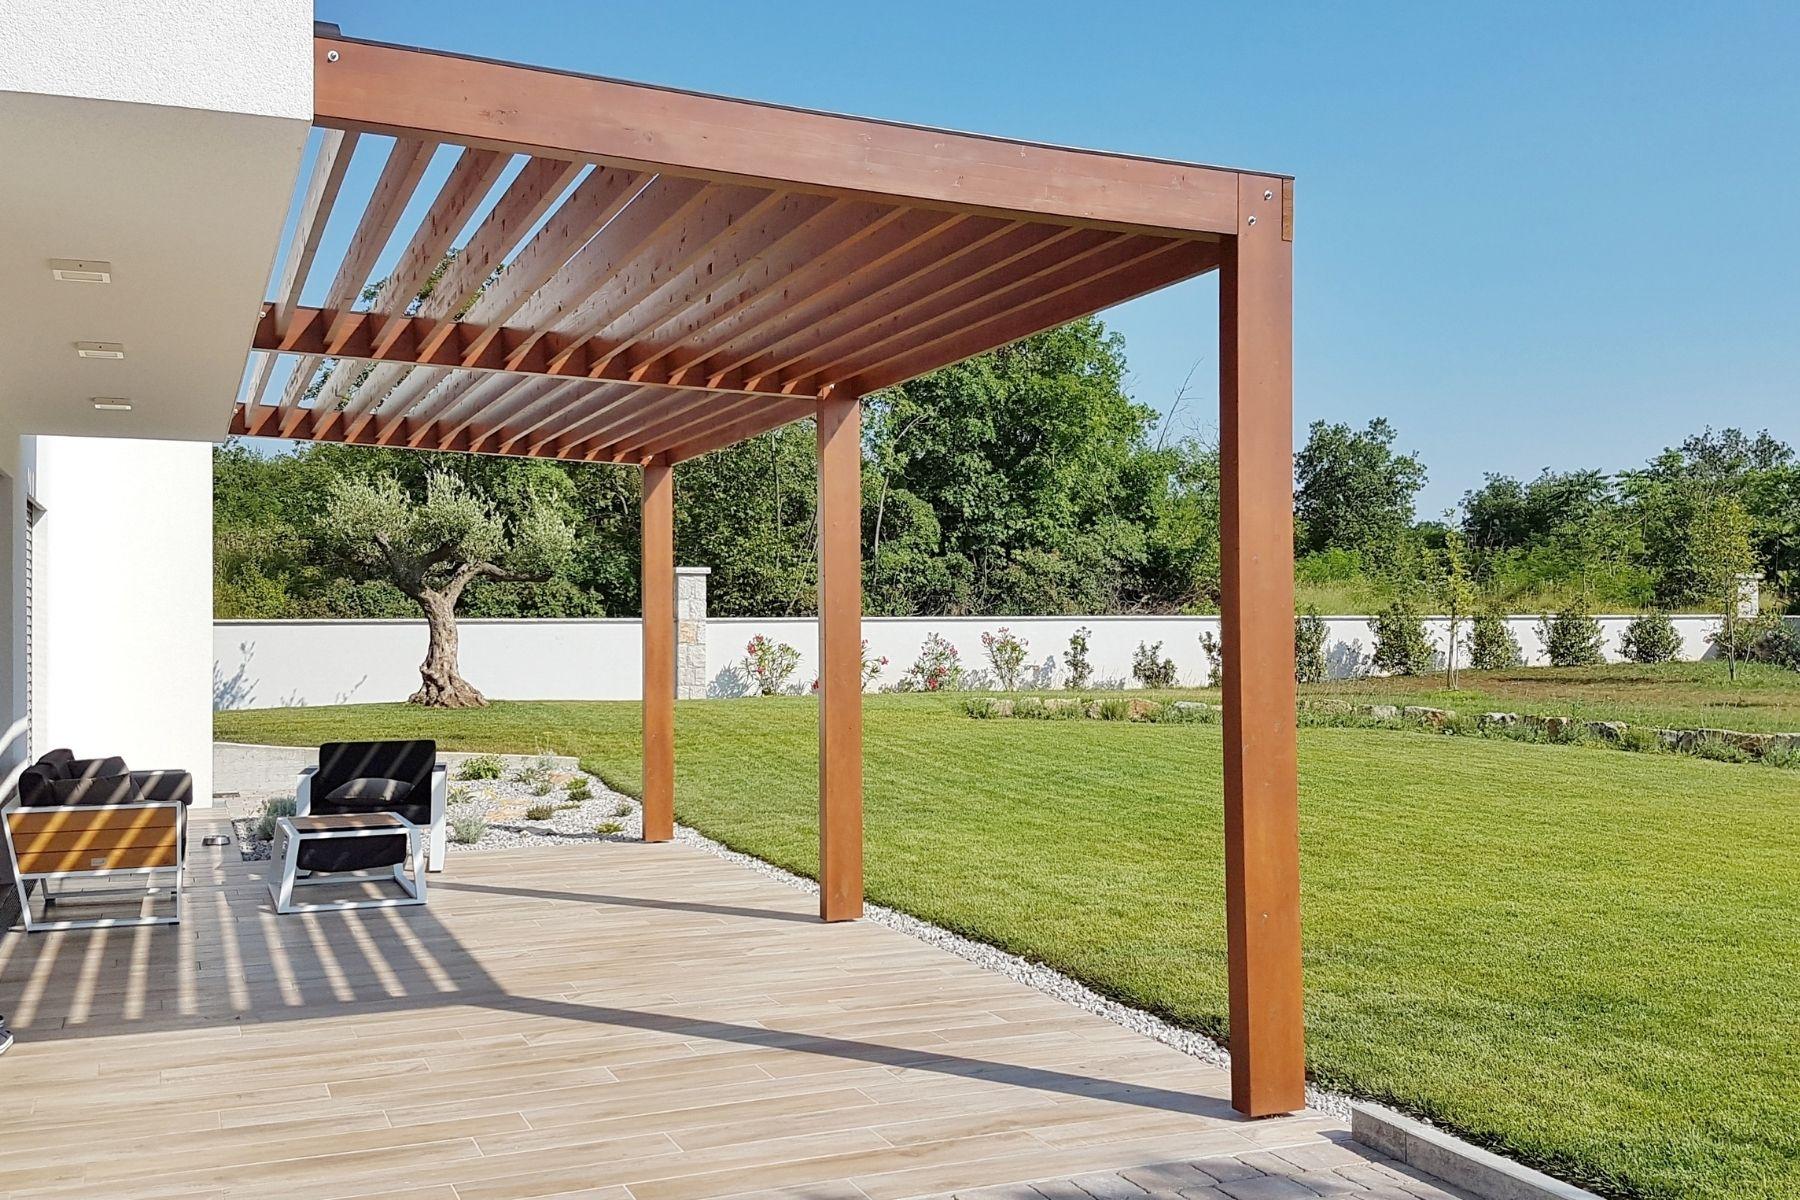 Pergola bioclimatique fait la transition entre la maison et le jardin.